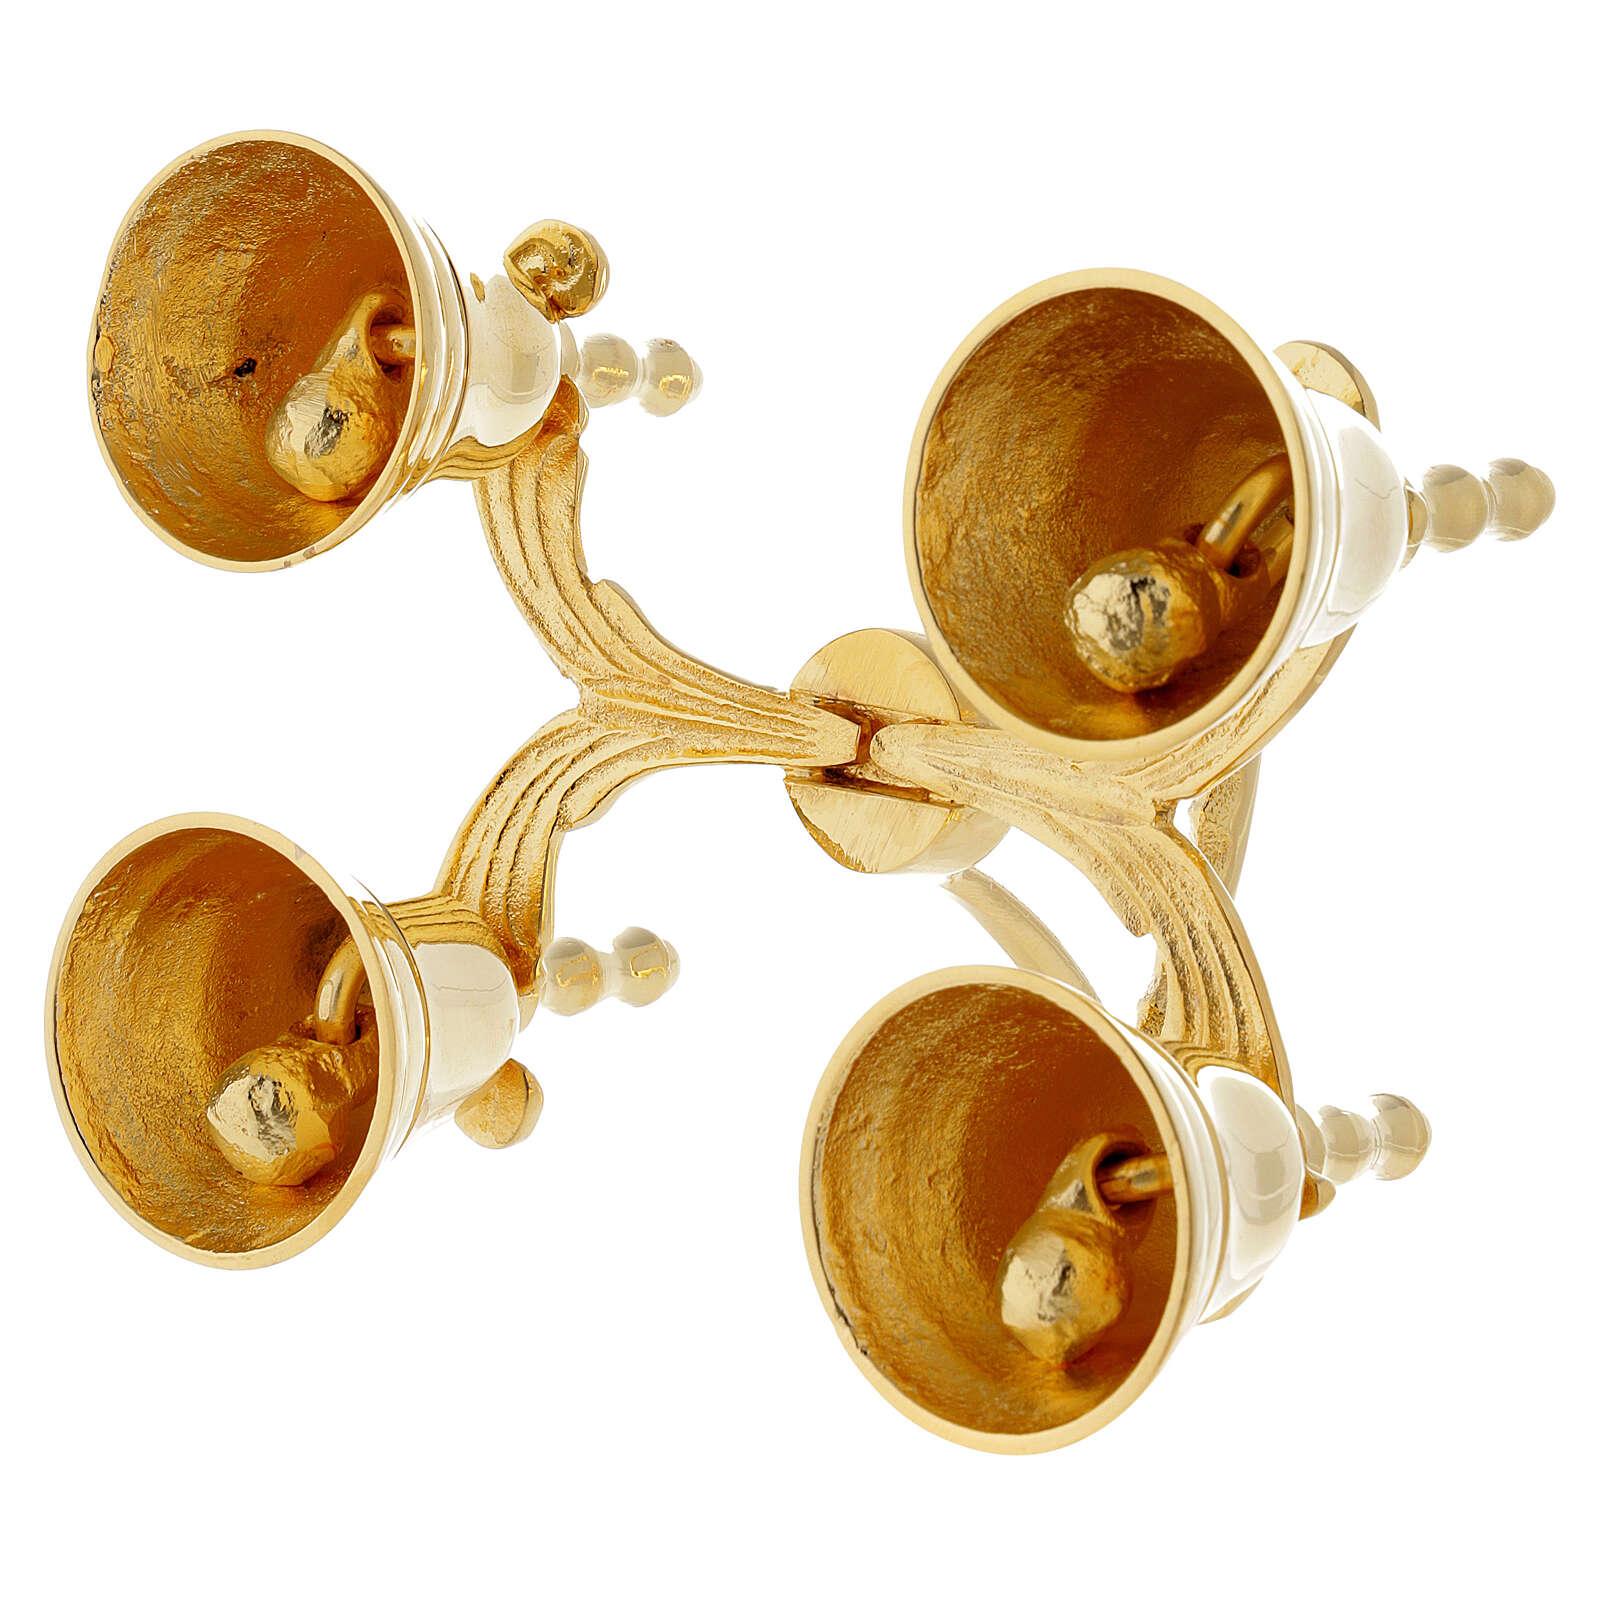 Dzwonek poczwórny 3